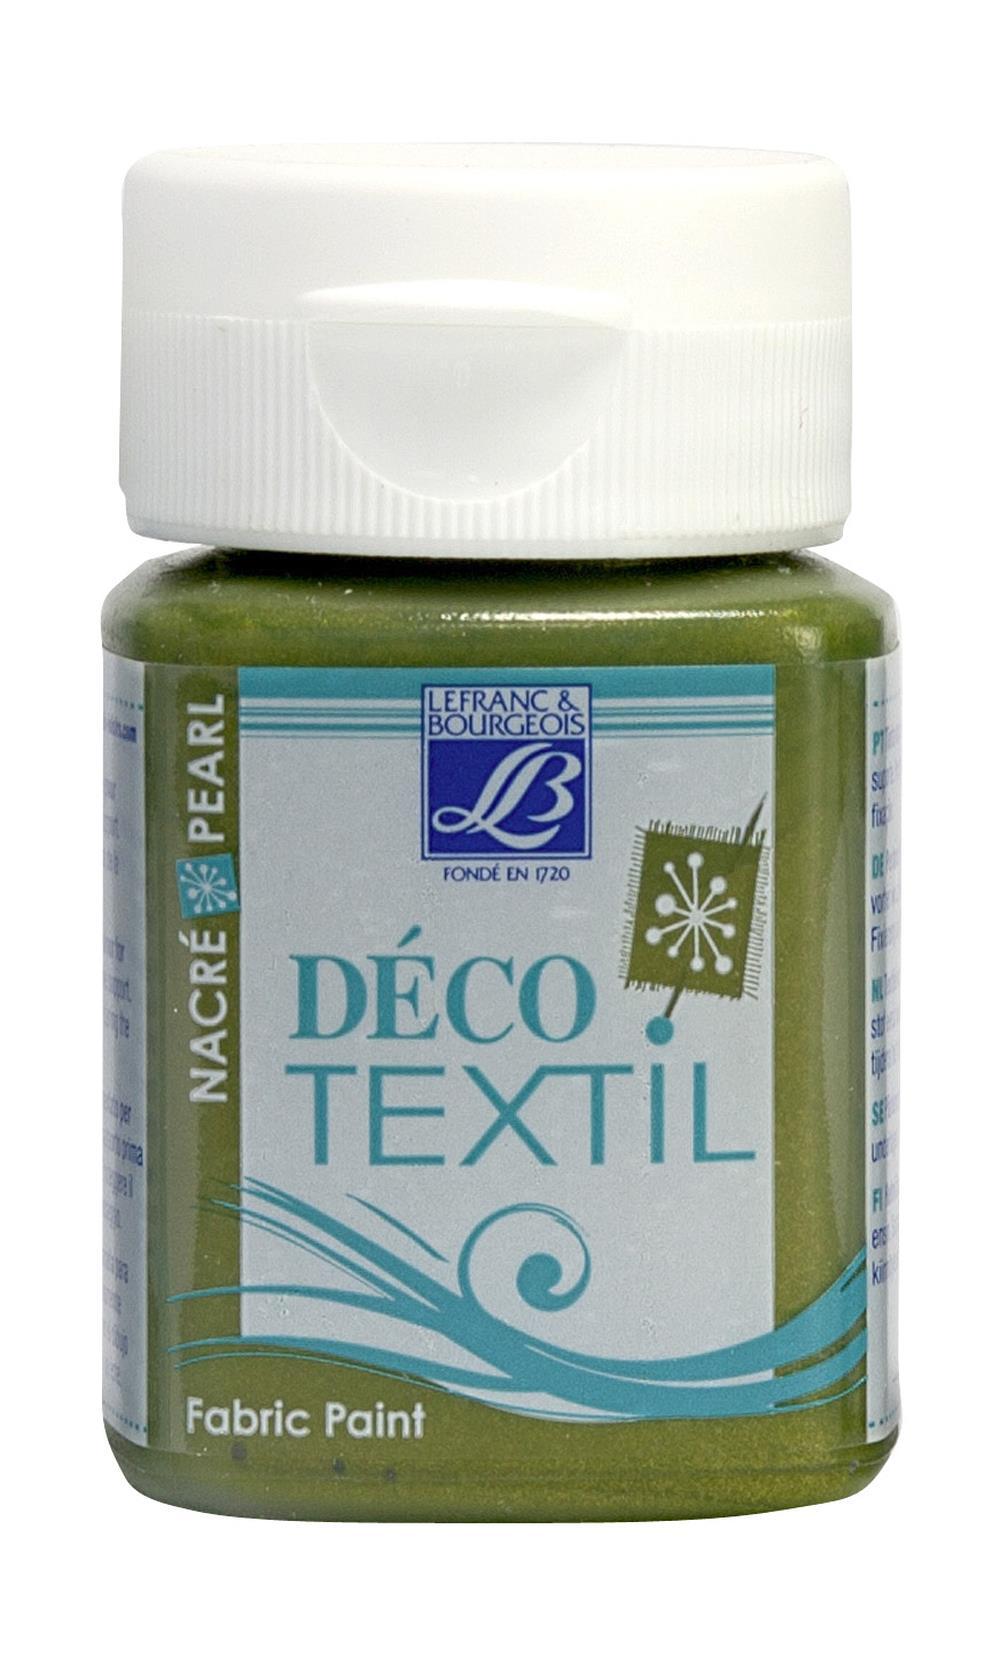 Tygfärg L&B Deco Textil 50ml  Pearl bronze - effekt 748 (4F) utgår